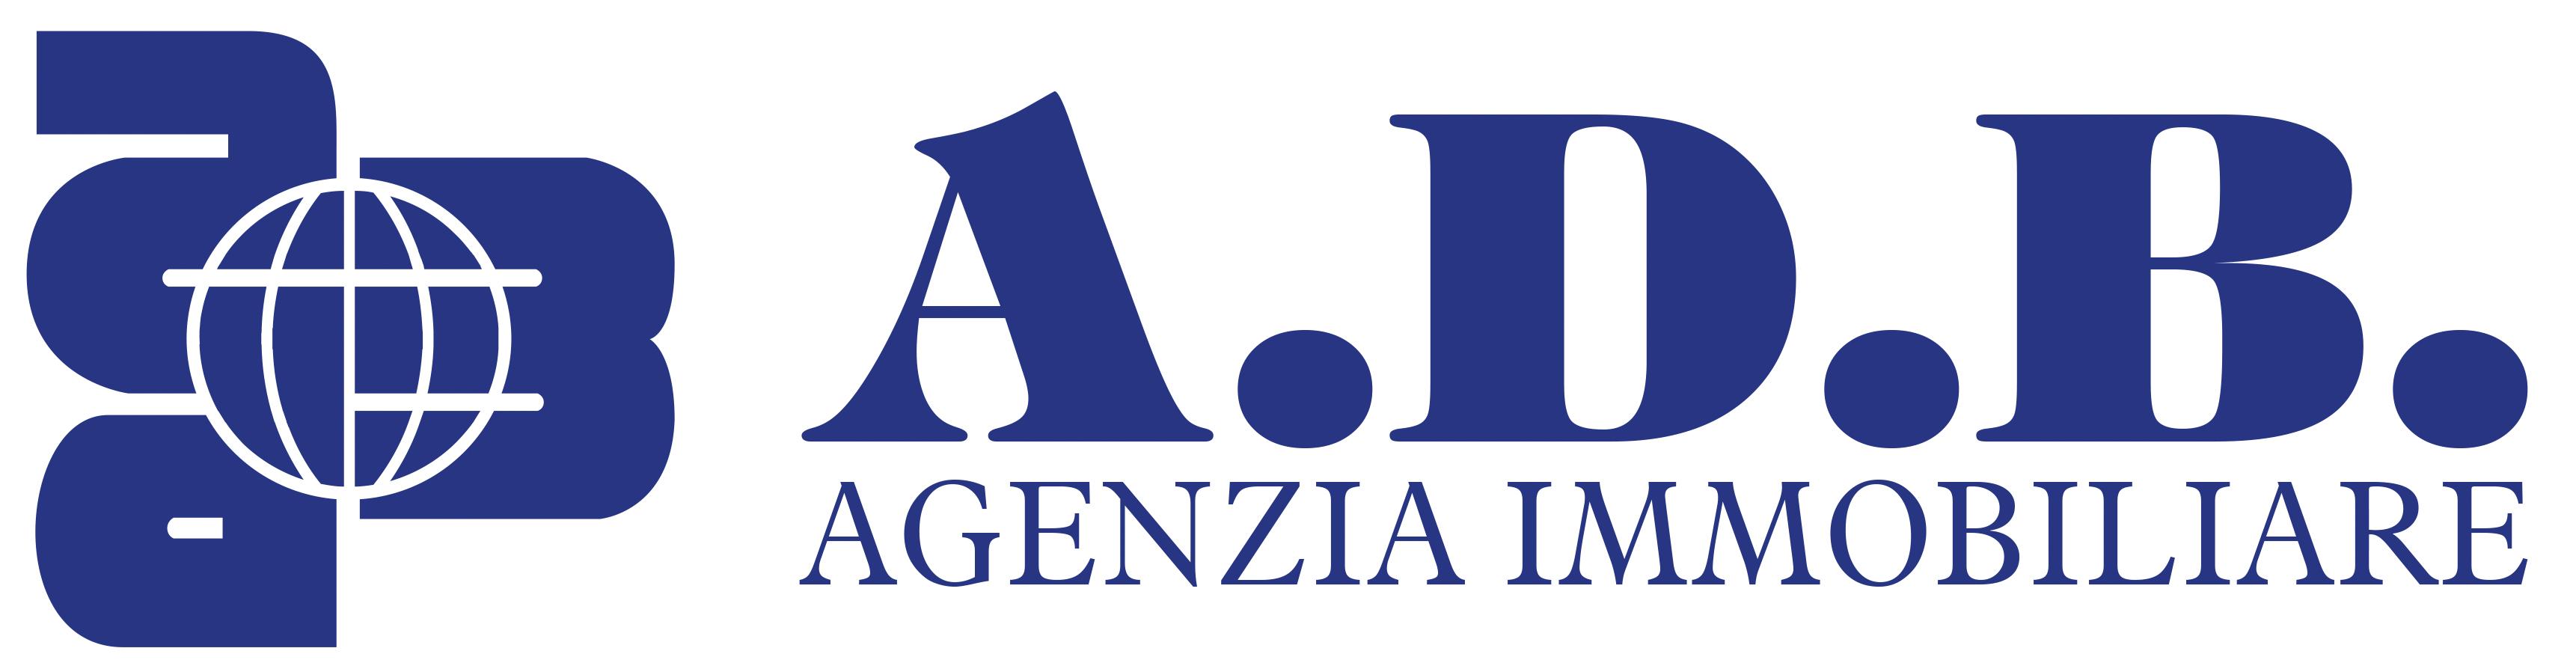 logo A.D.B. Agenzia Immobiliare